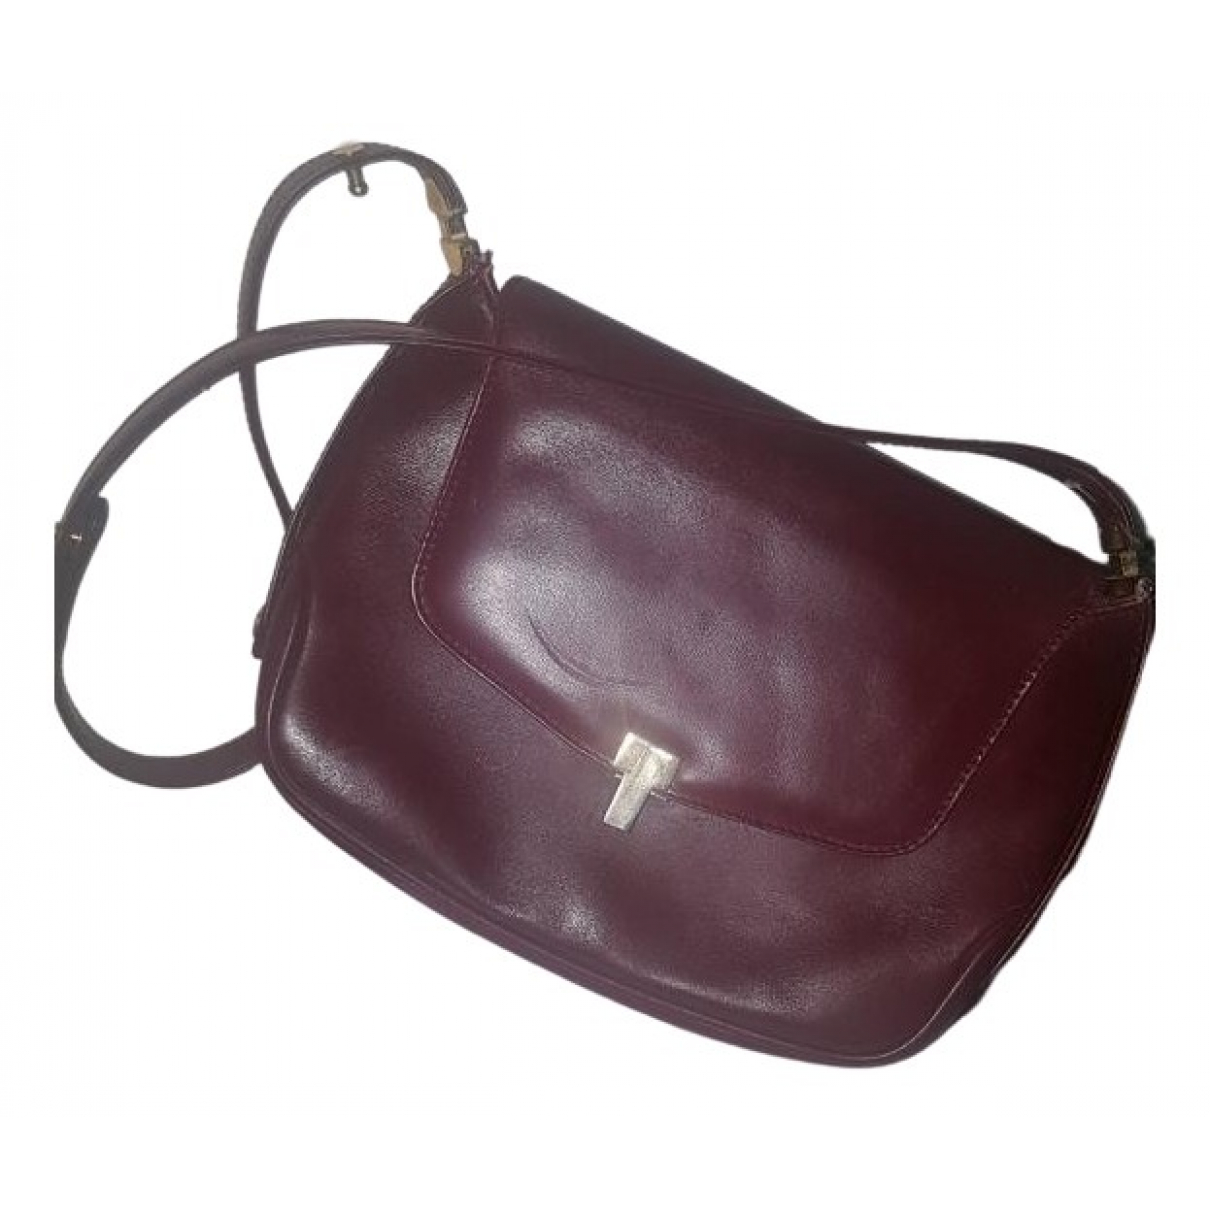 Launer \N Burgundy Leather handbag for Women \N